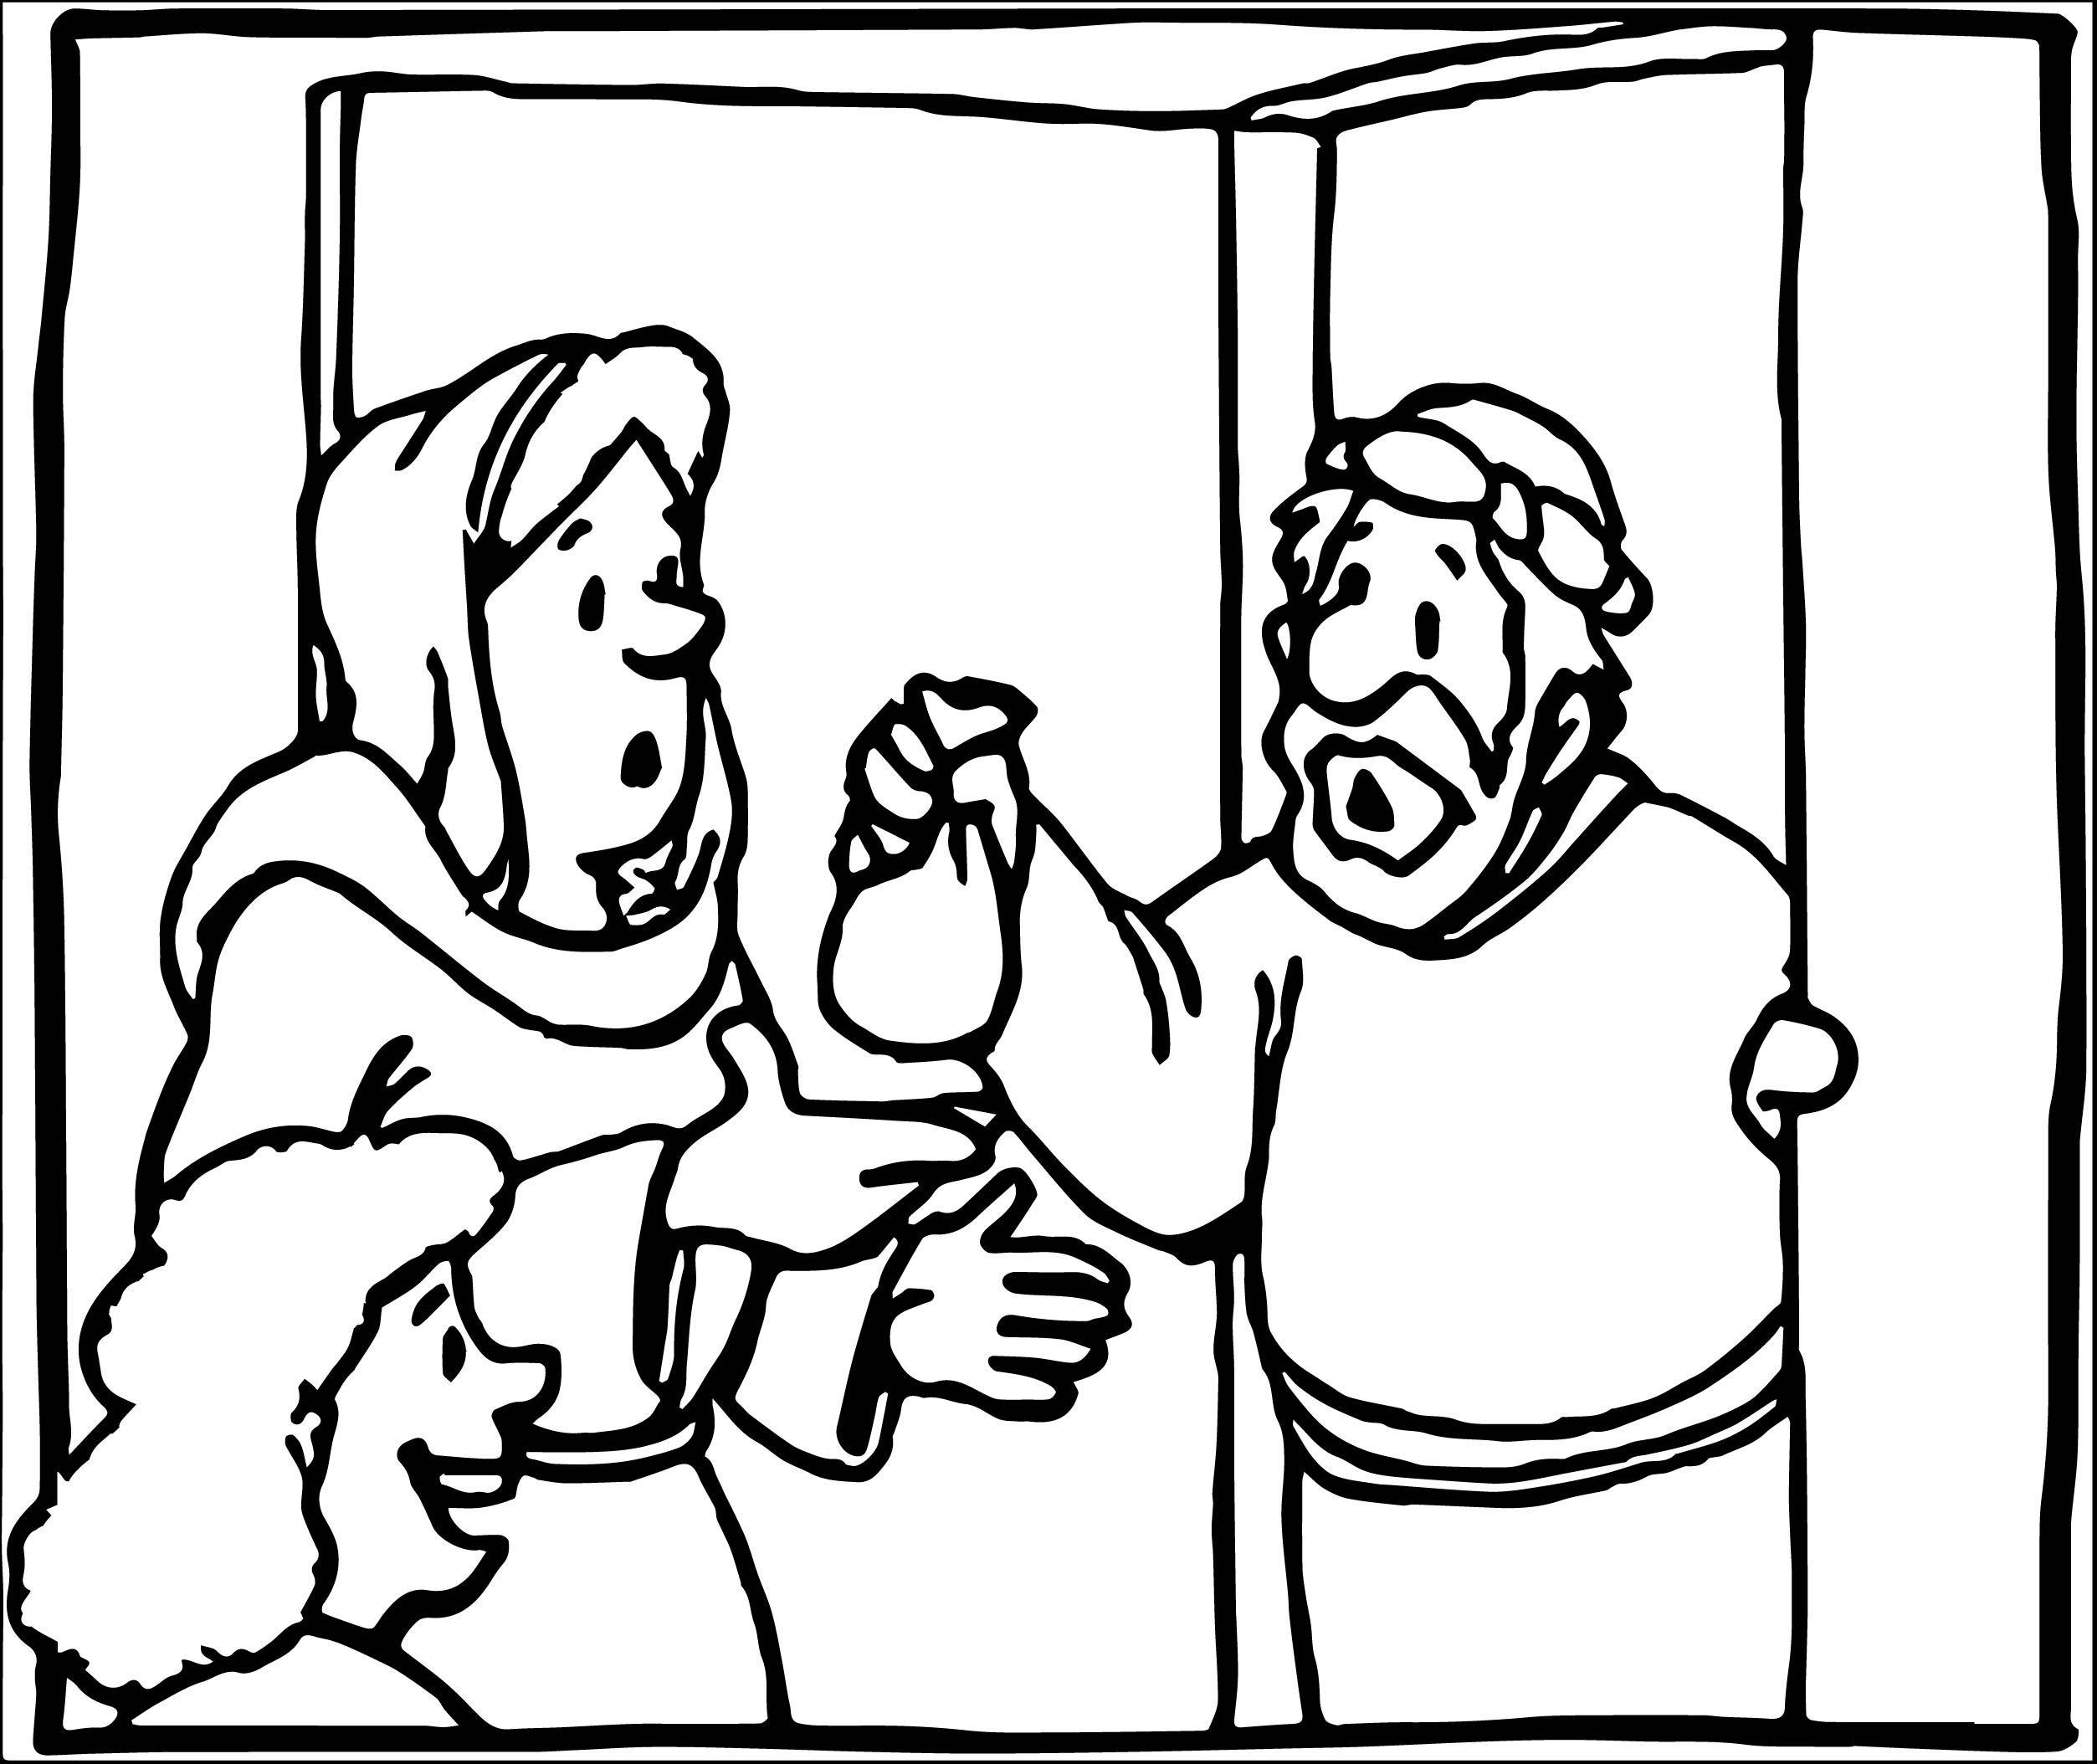 Zacchaeus Jesus What Coloring Page Coloring Pages Jesus Coloring Pages Pokemon Coloring Pages [ 2108 x 2506 Pixel ]